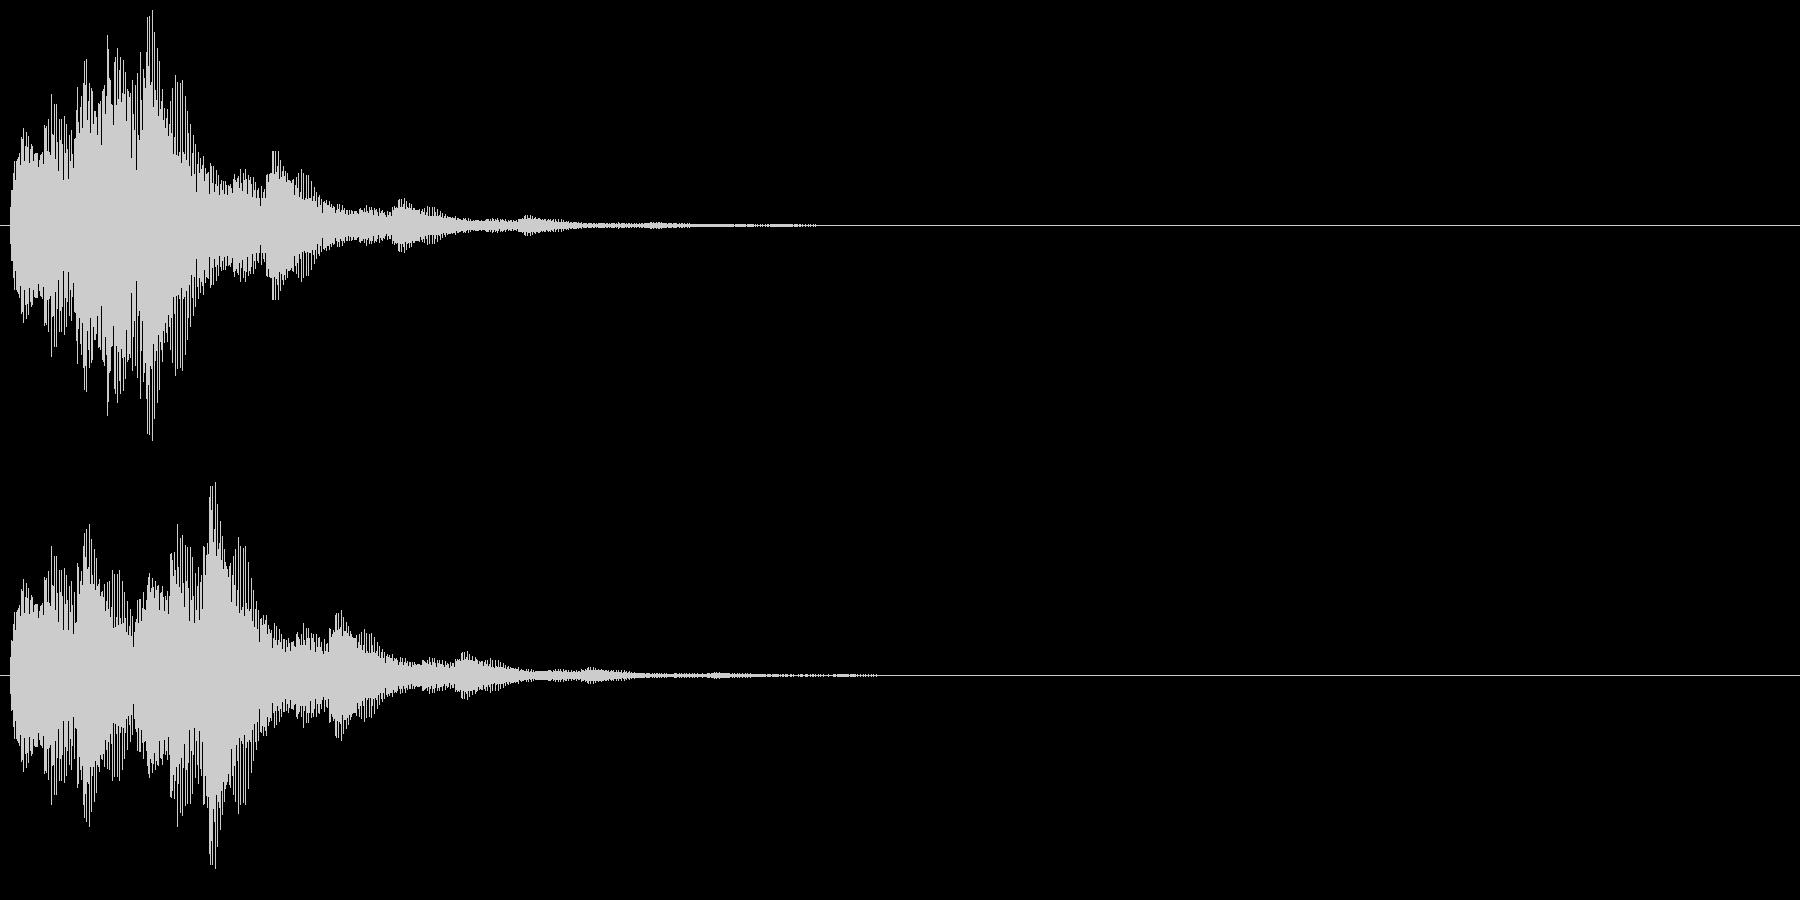 キララン(選択決定音、開始音)の未再生の波形